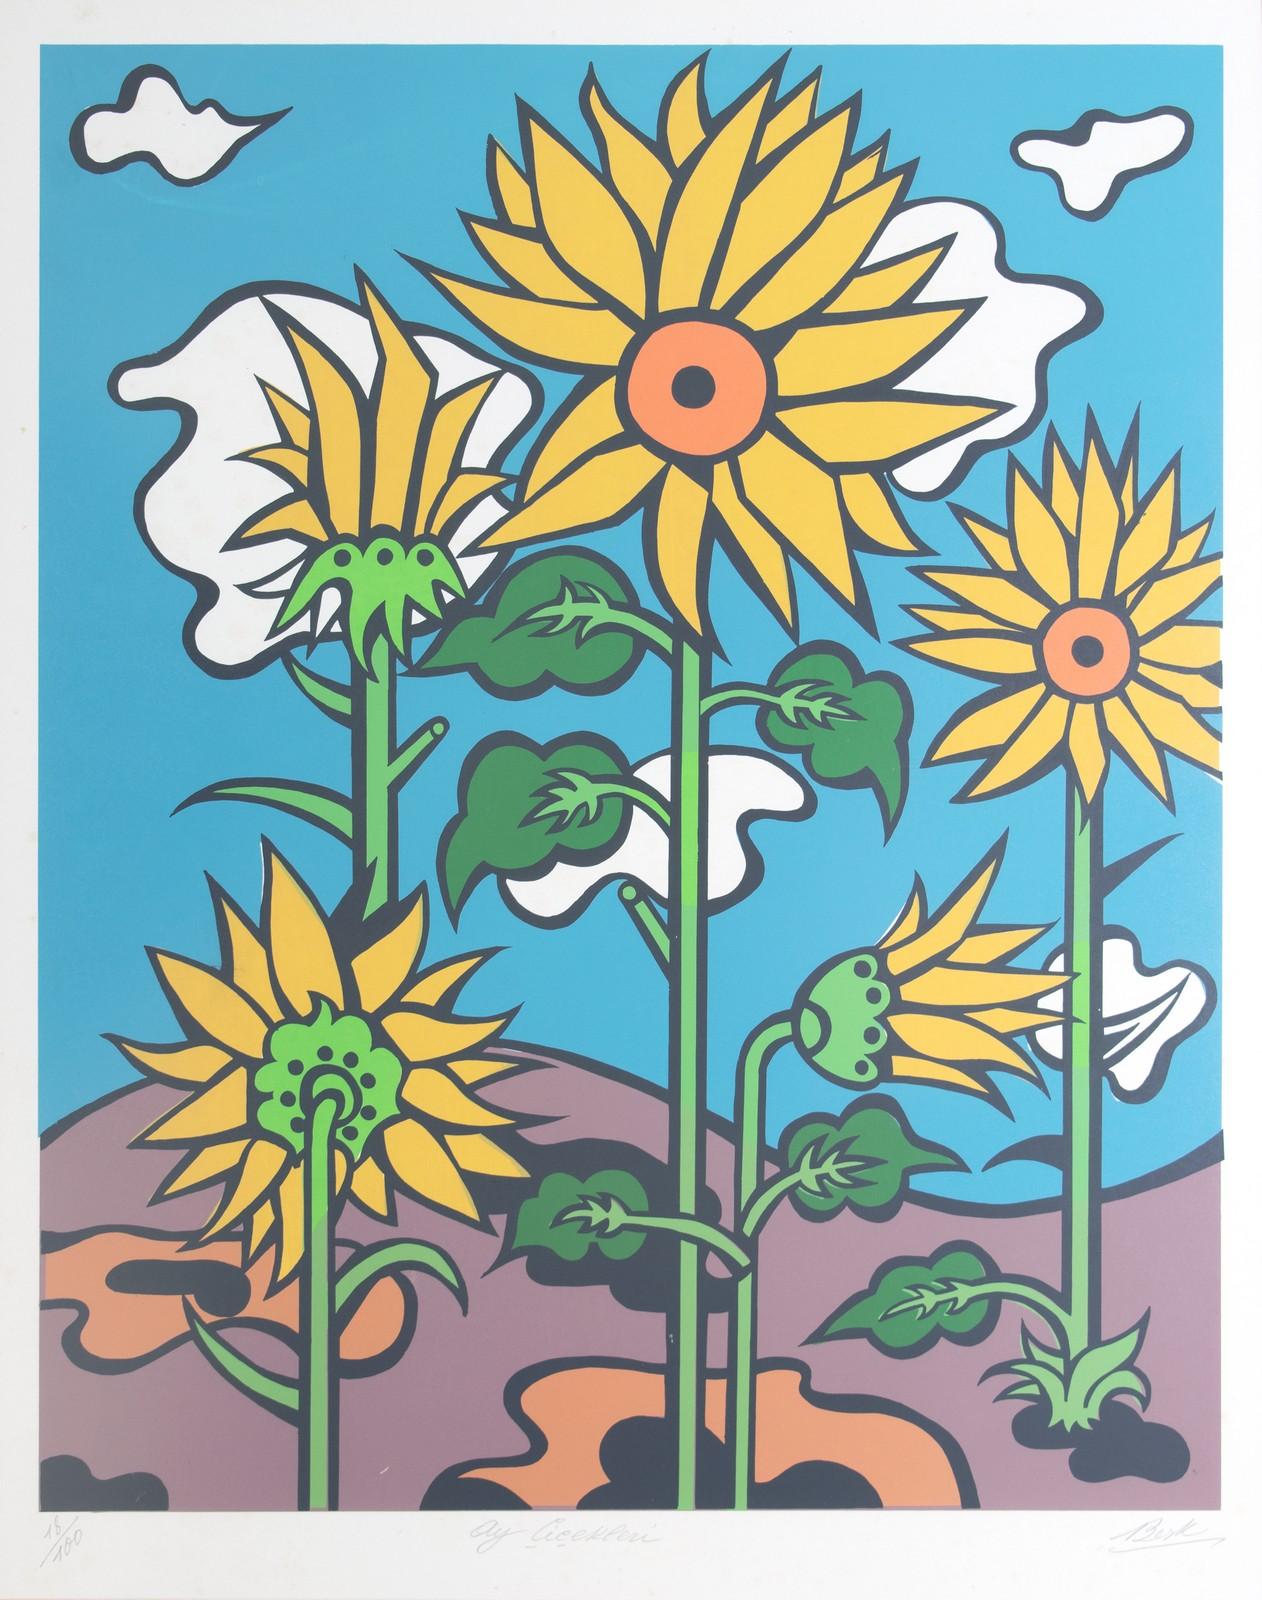 1978, edition 18/100, 46 x 58 cm